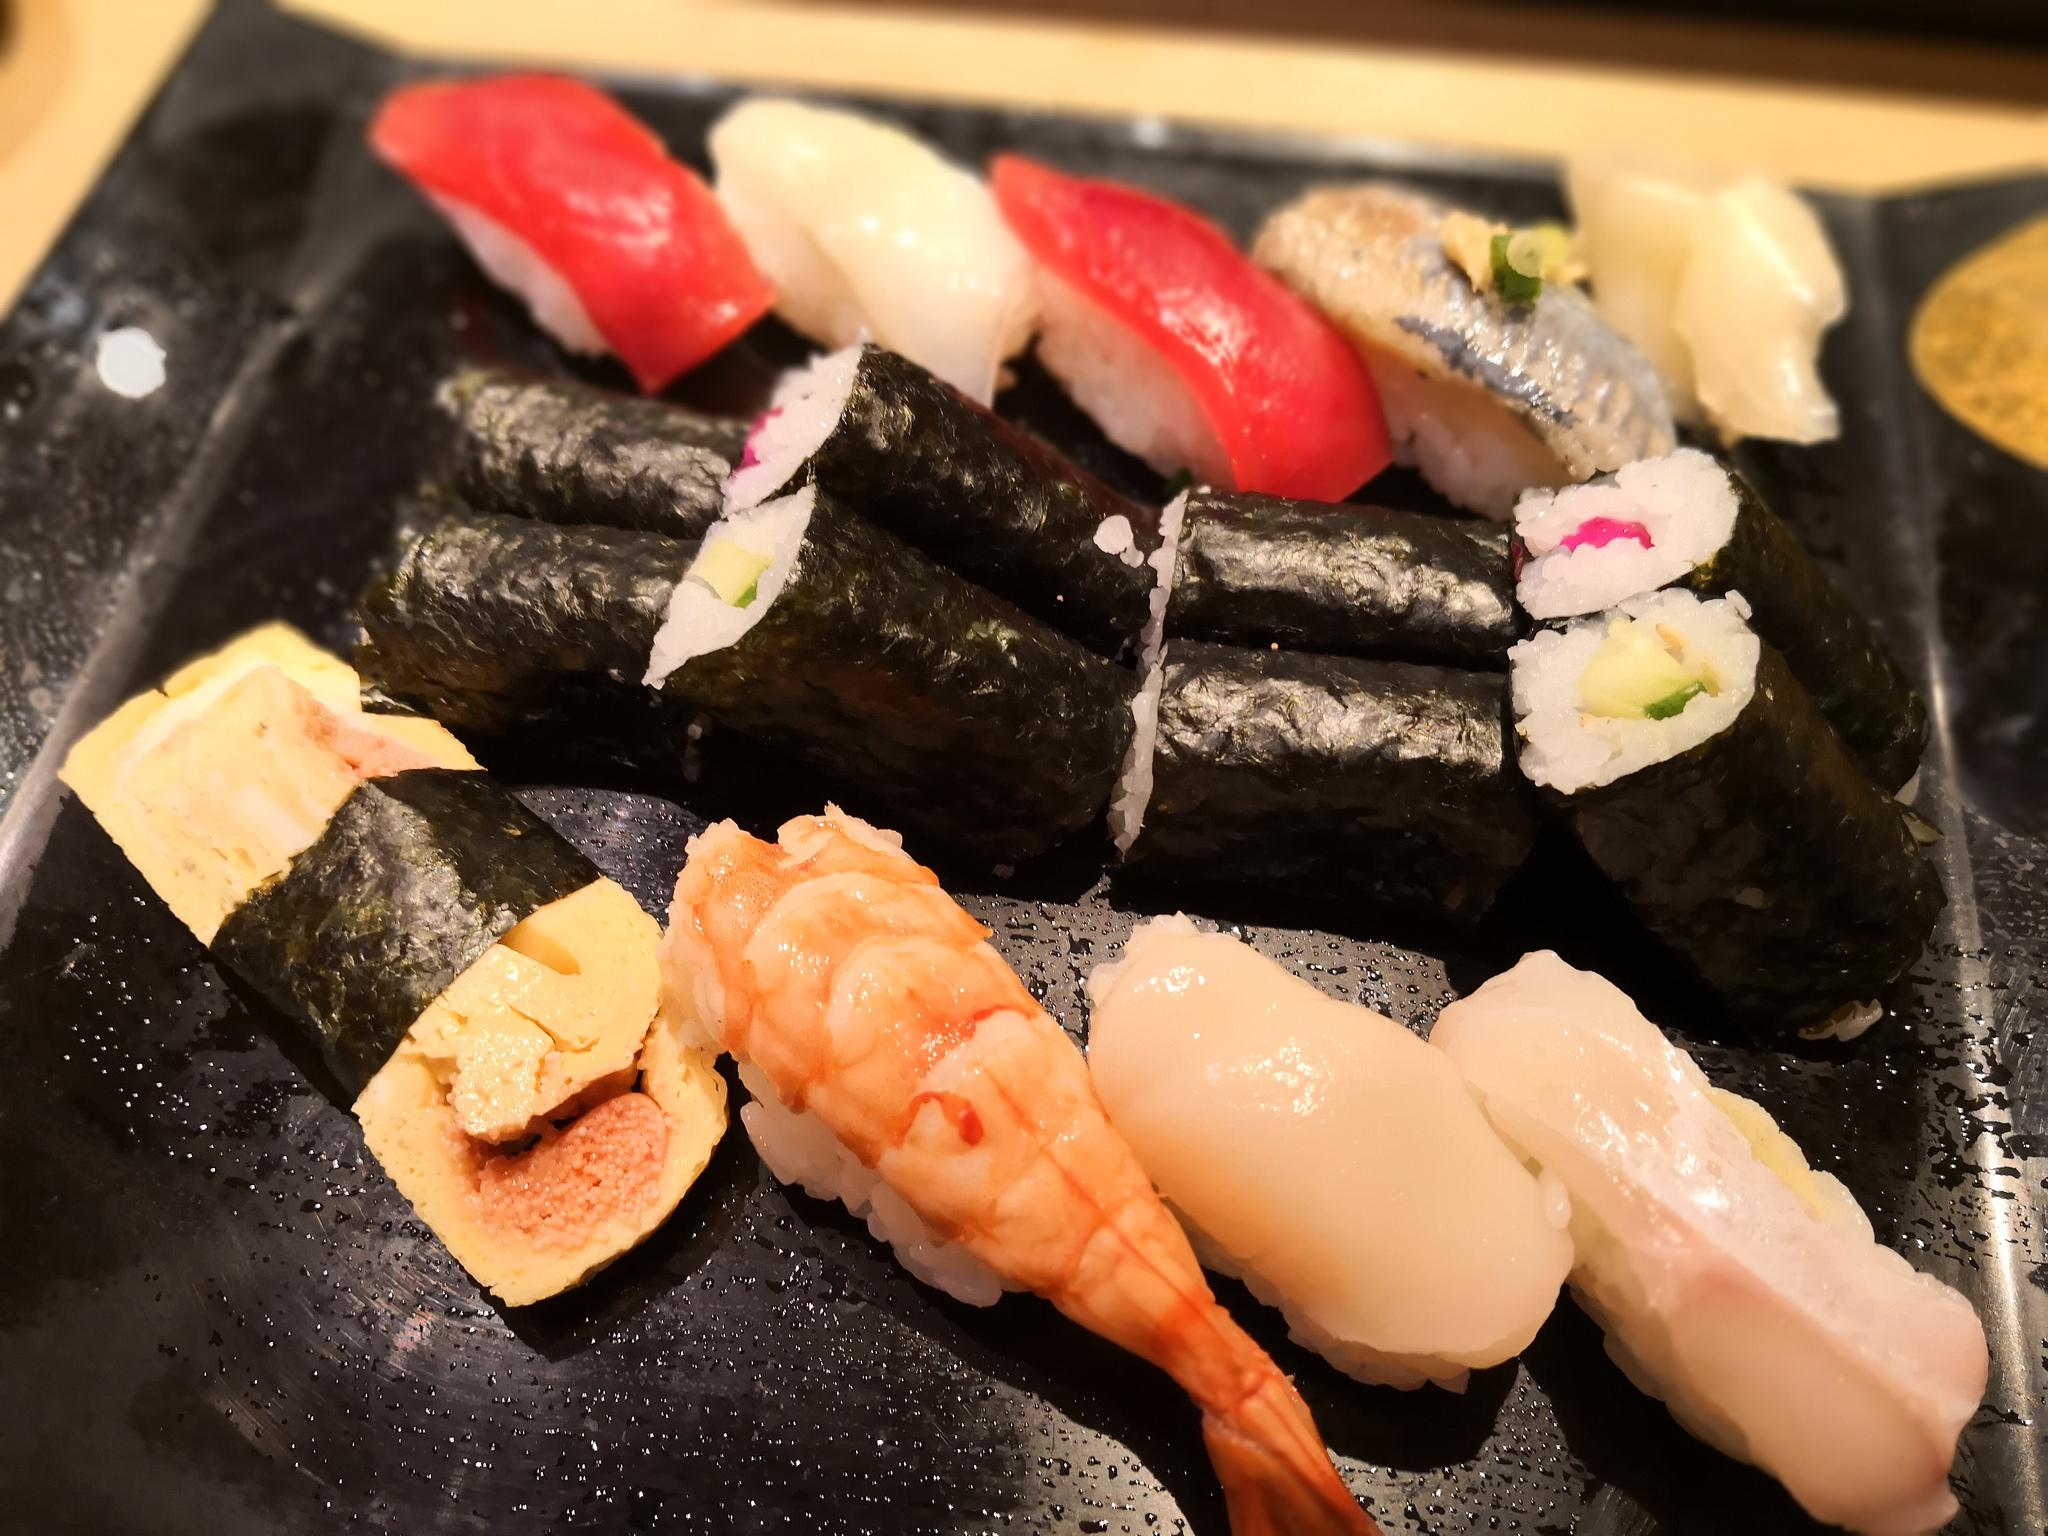 【五反田】芳寿司@ランチから常連さんが集まる、昔ながらのお寿司屋さん。